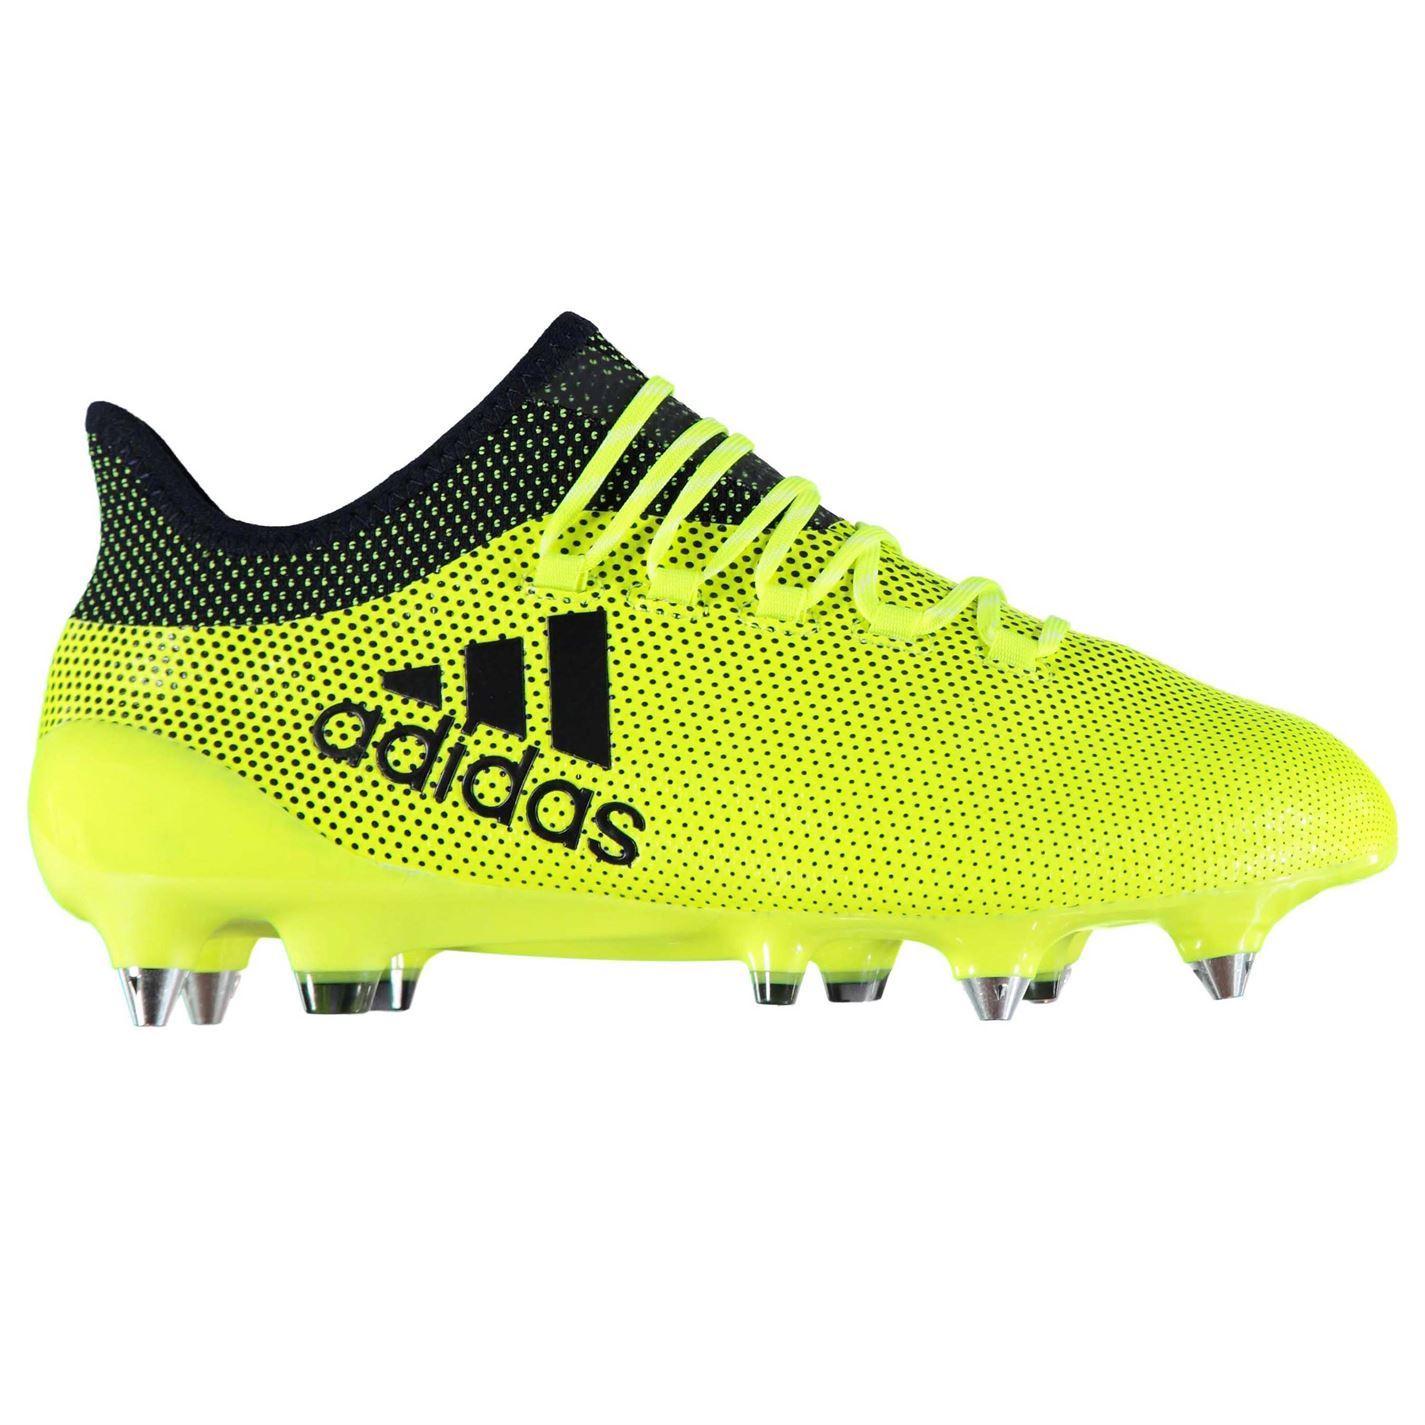 Dettagli su Adidas x 17.1 Sg Scarpe Calcio Terreno Morbido Uomo GialloInchiostro Tacchetti